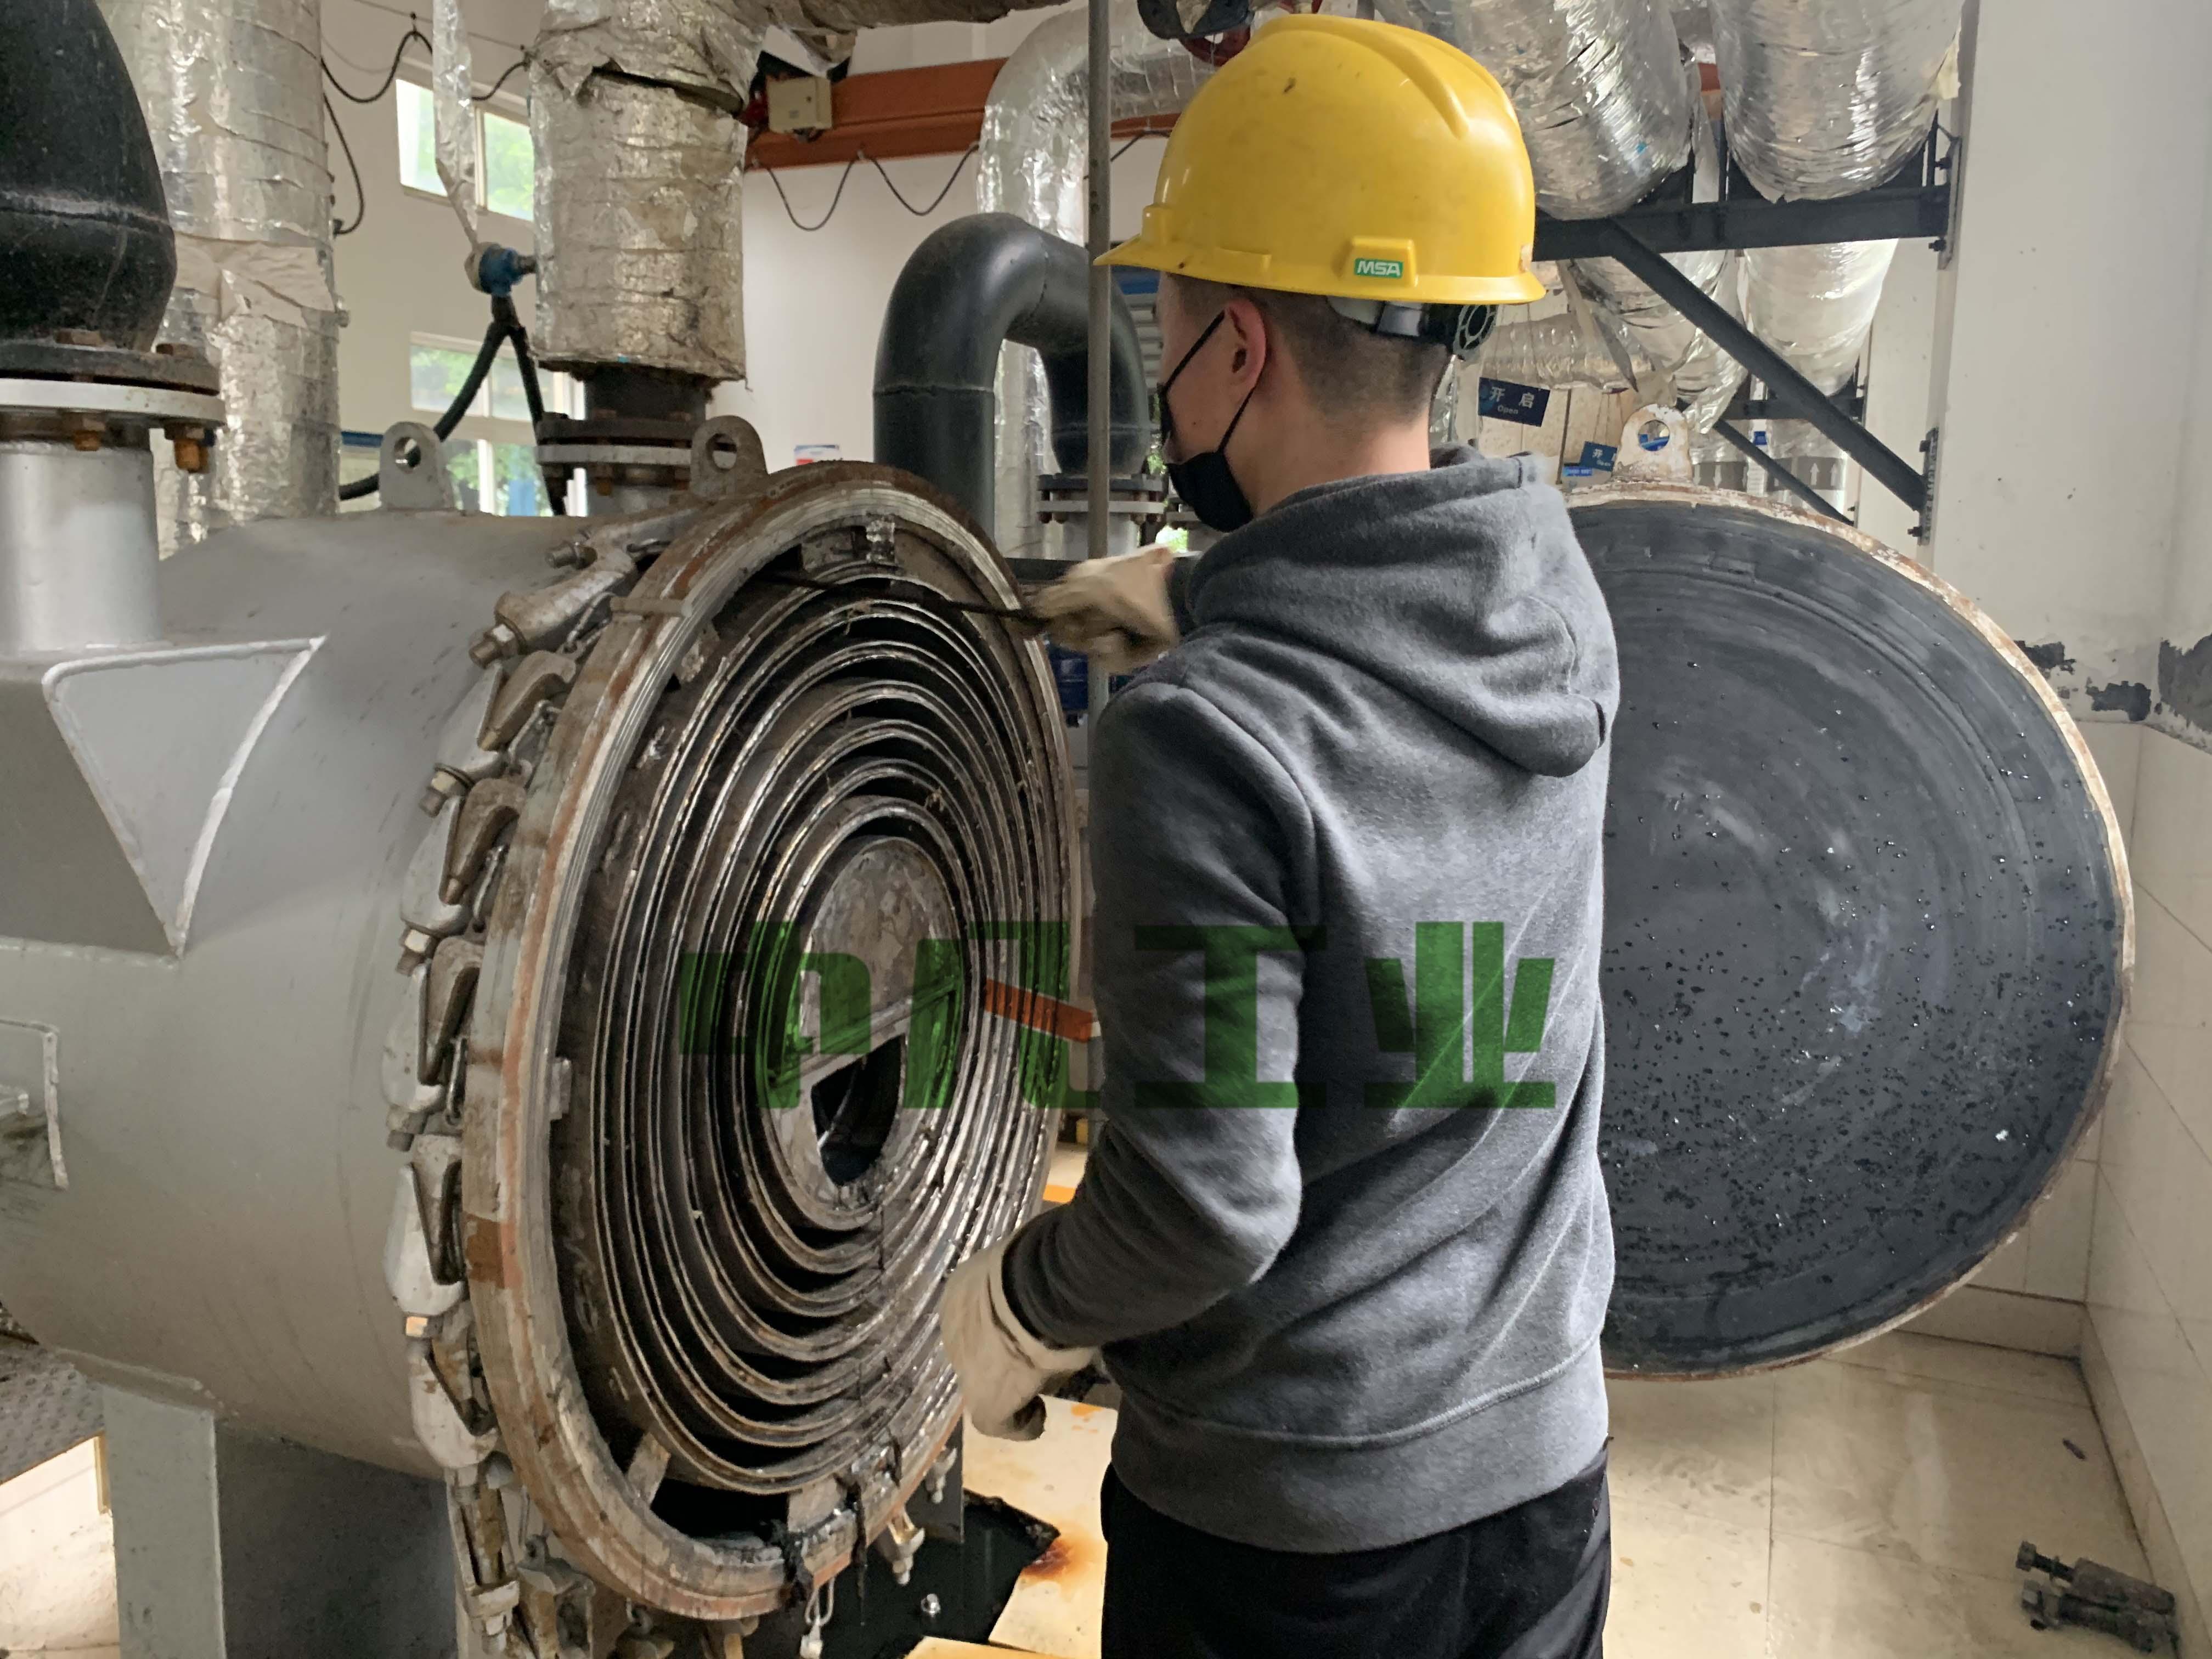 AG9工業:重慶中法水務螺旋板式換熱器現場改良作業